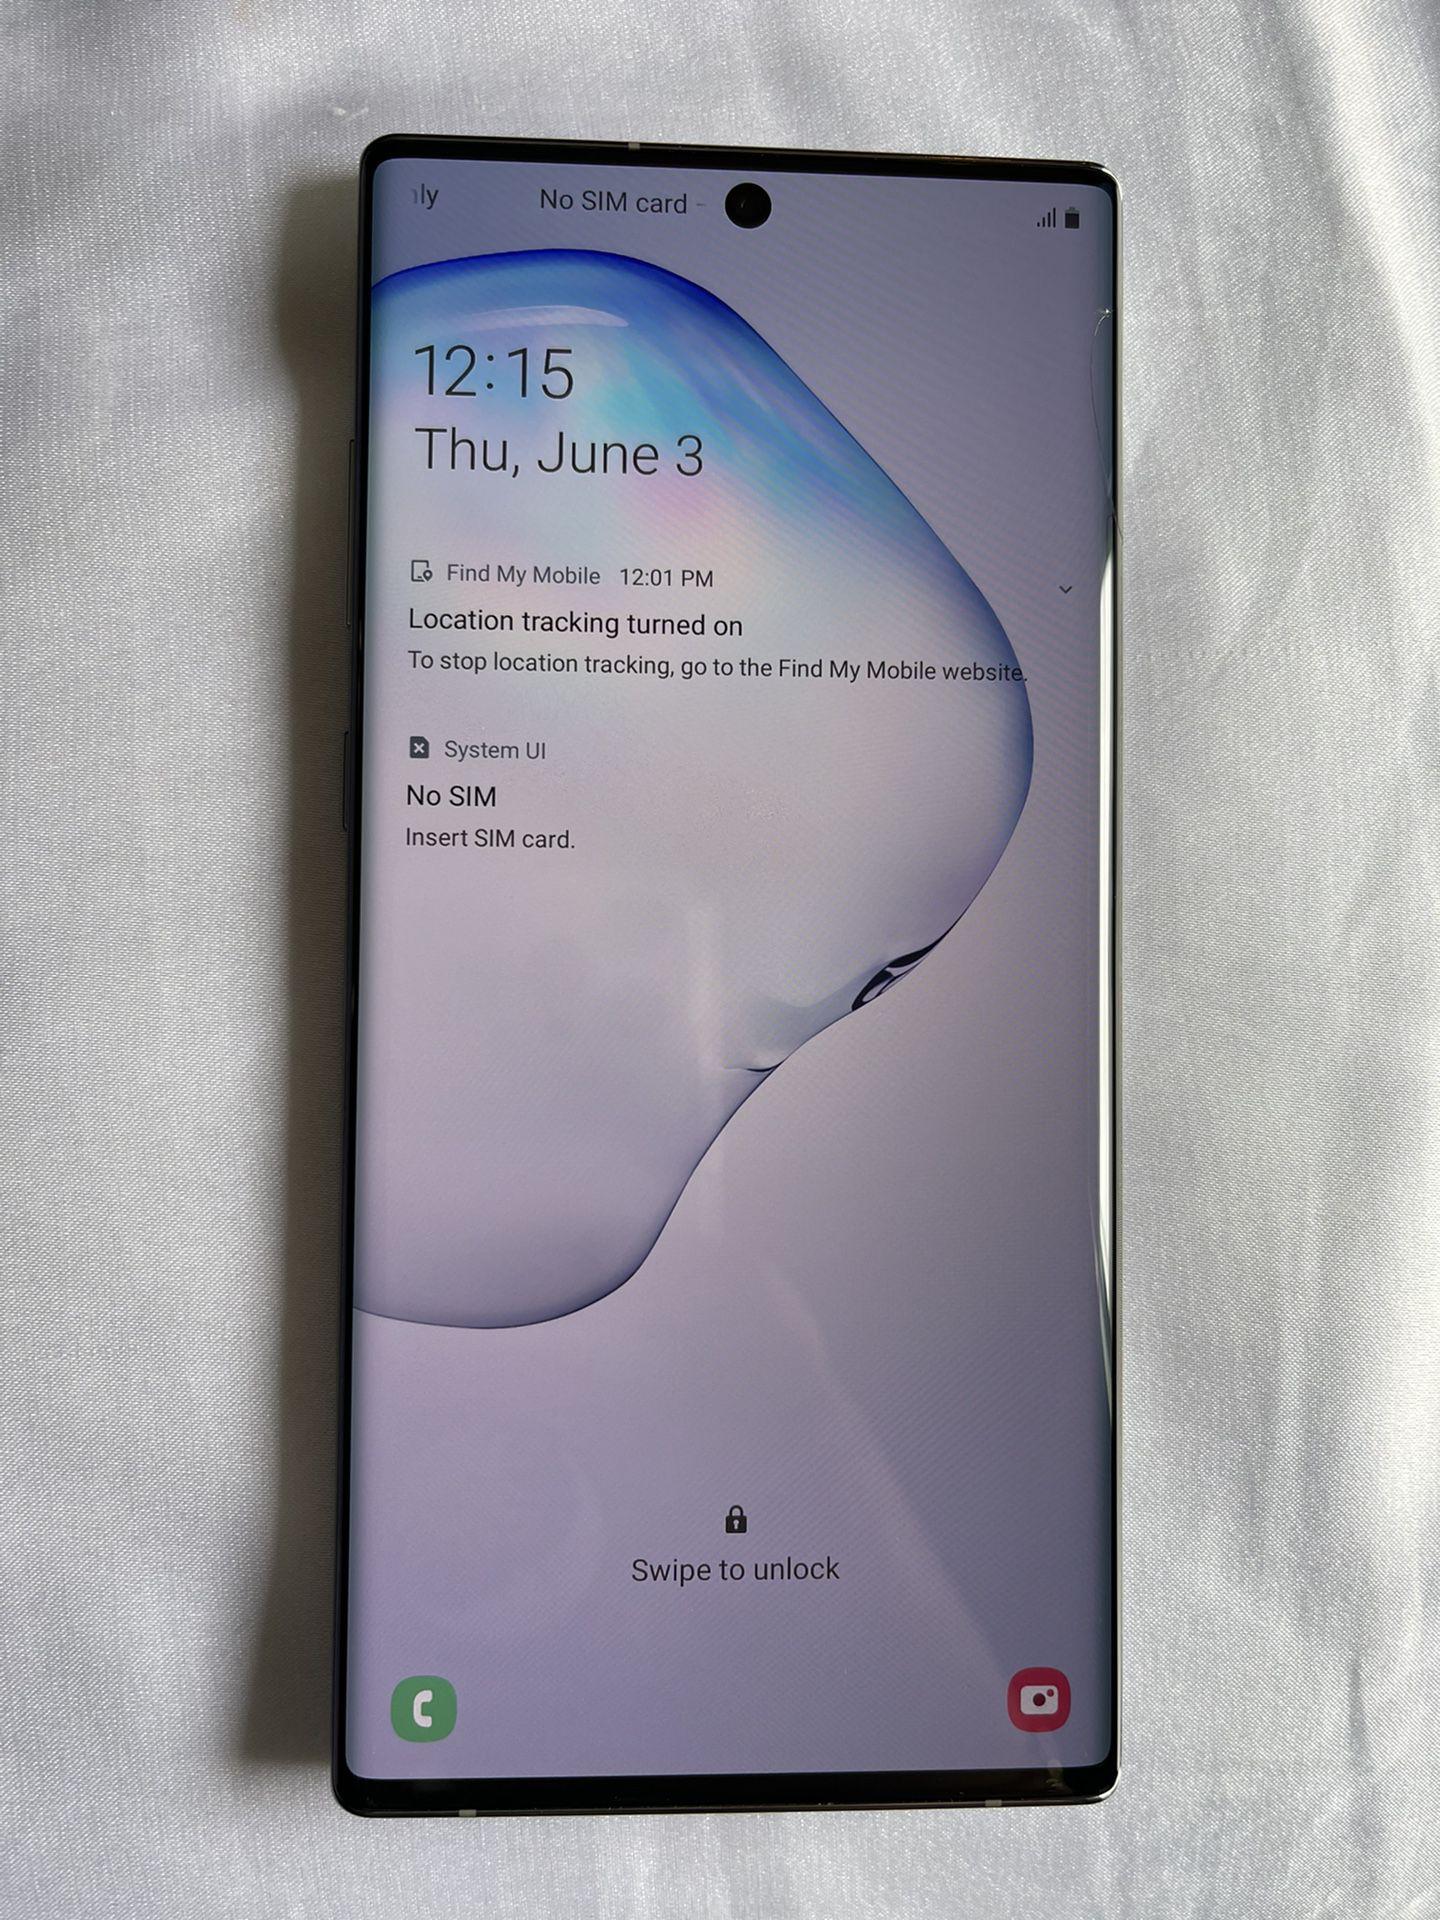 Samsung Galaxy Note 10 Plus 256GB Aurora Glow Silver - FULLY UNLOCKED